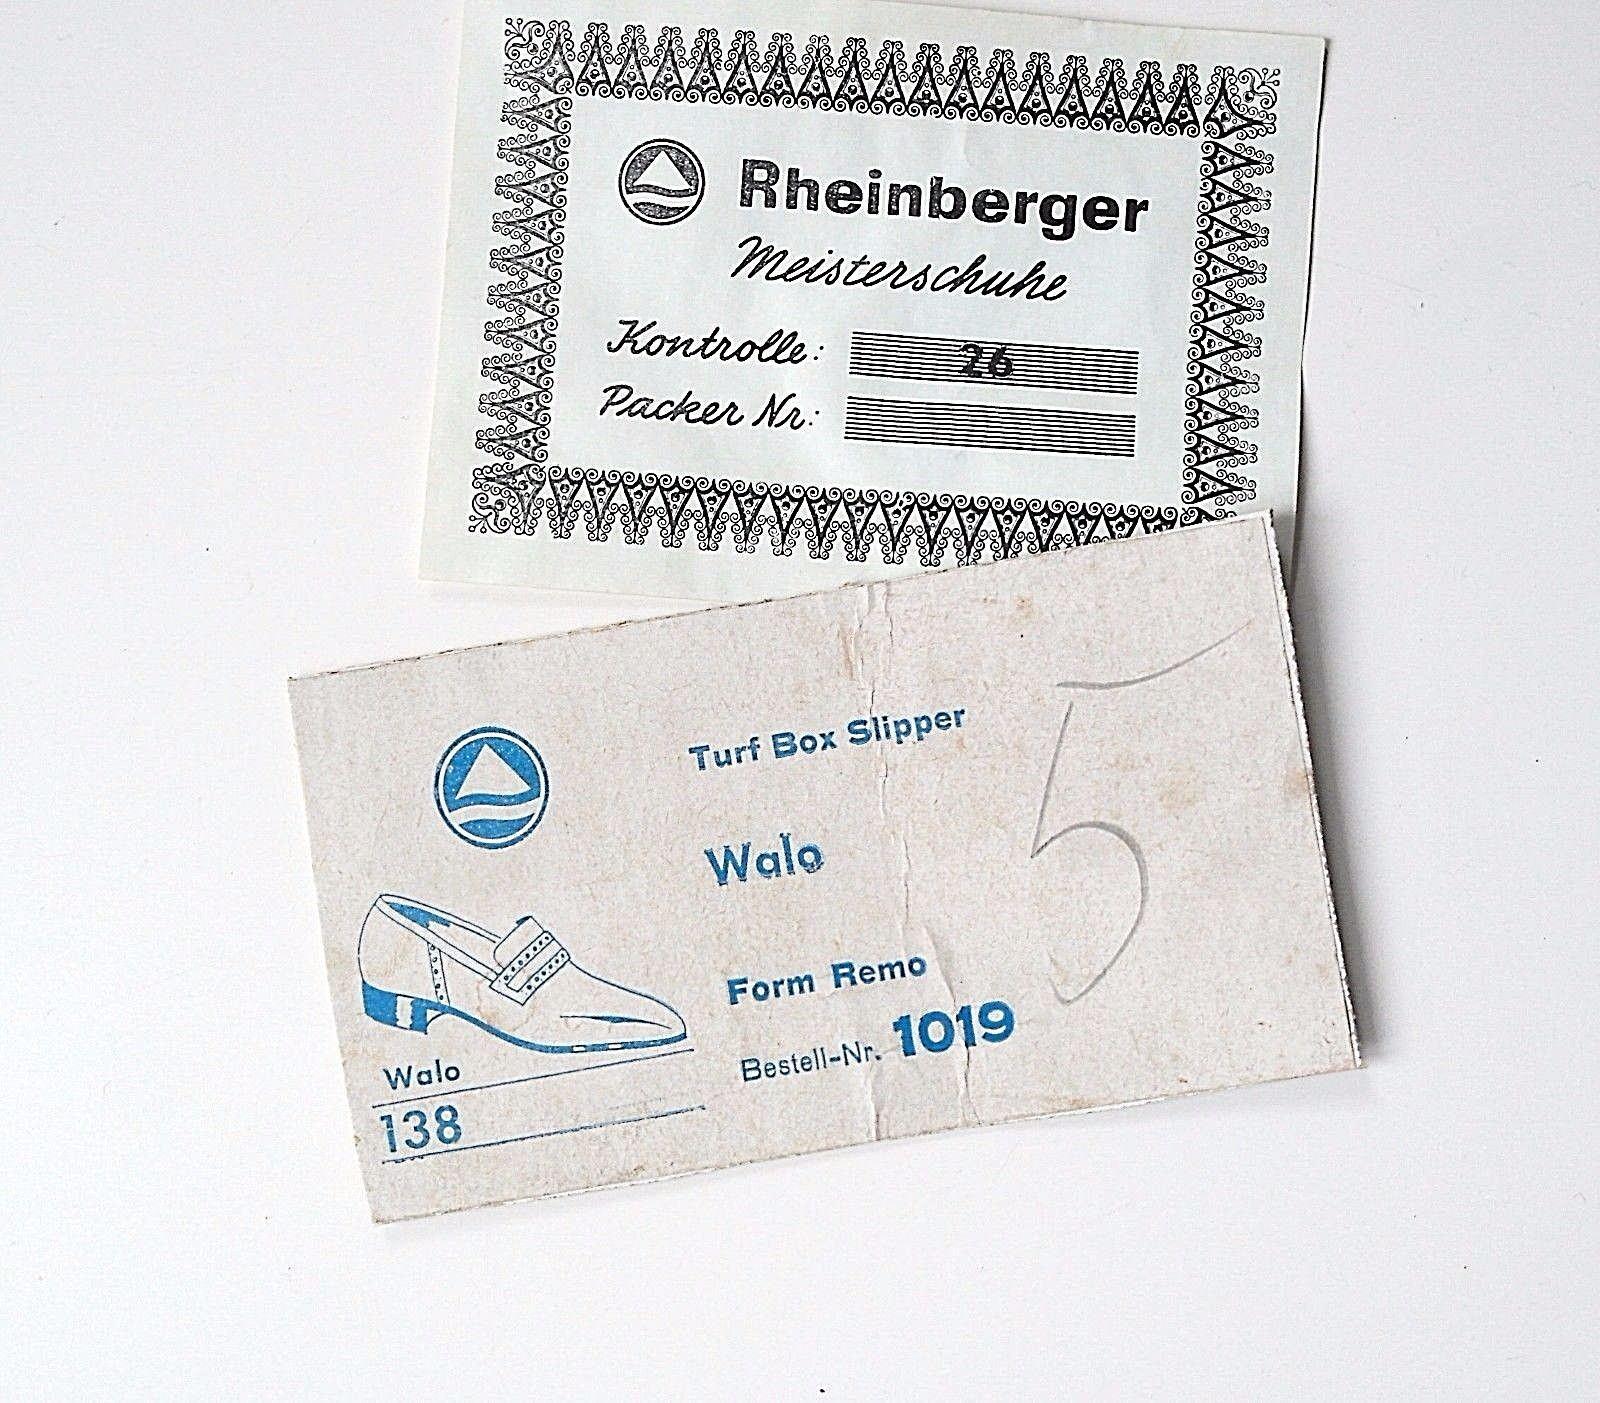 Rheinberger Derby Halbschuhe Schuhe Halbschuhe Derby Slipper Loafer Walo NOS TRUE VINTAGE EUR 38 5b34f0